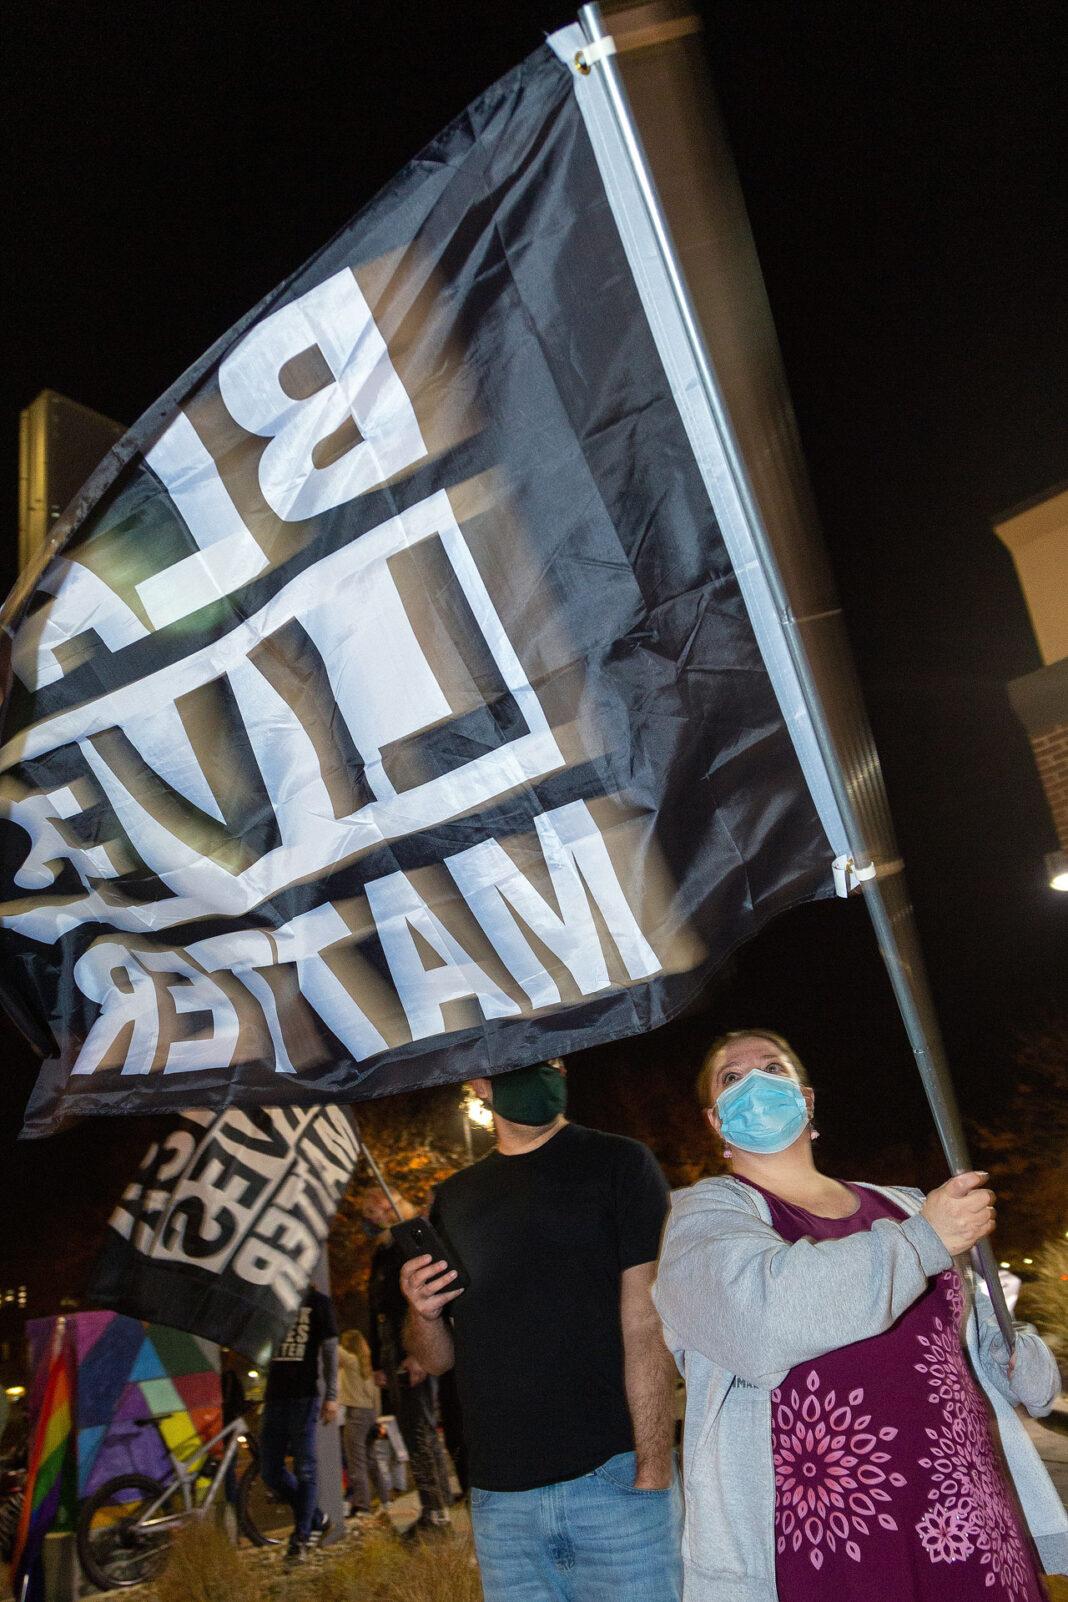 Masked demonstrator waves Black Lives Matter flag